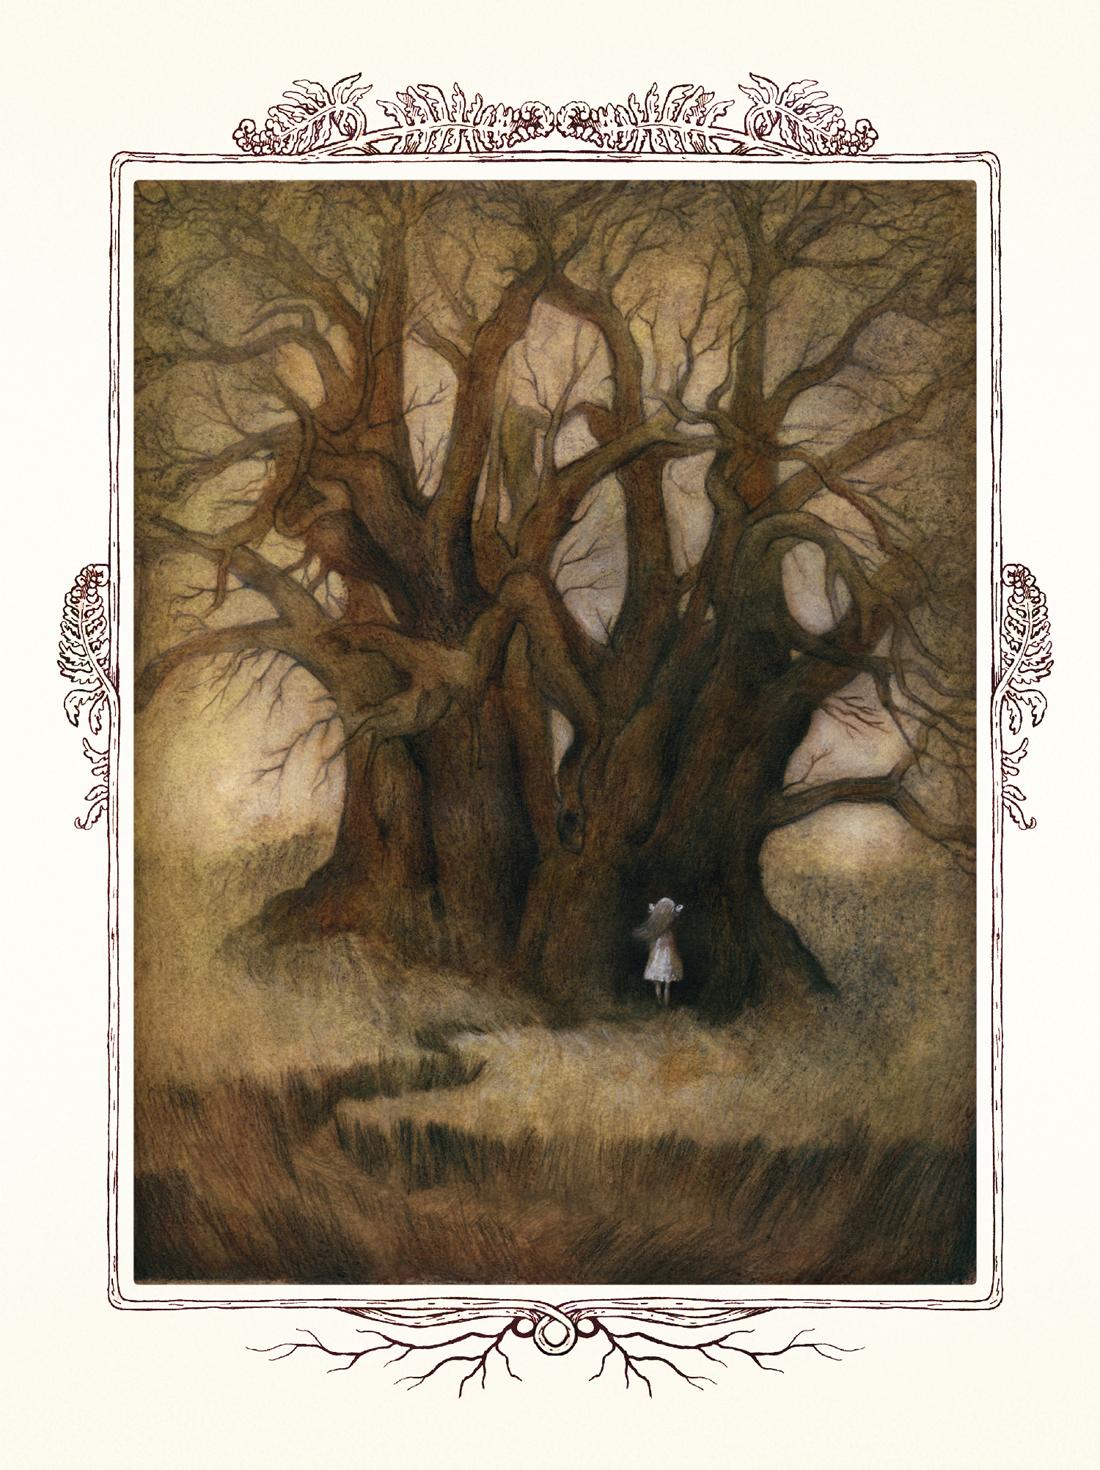 Les fées de Cottingley, planche de l'album © Soleil / De La Villefromoit / Perez